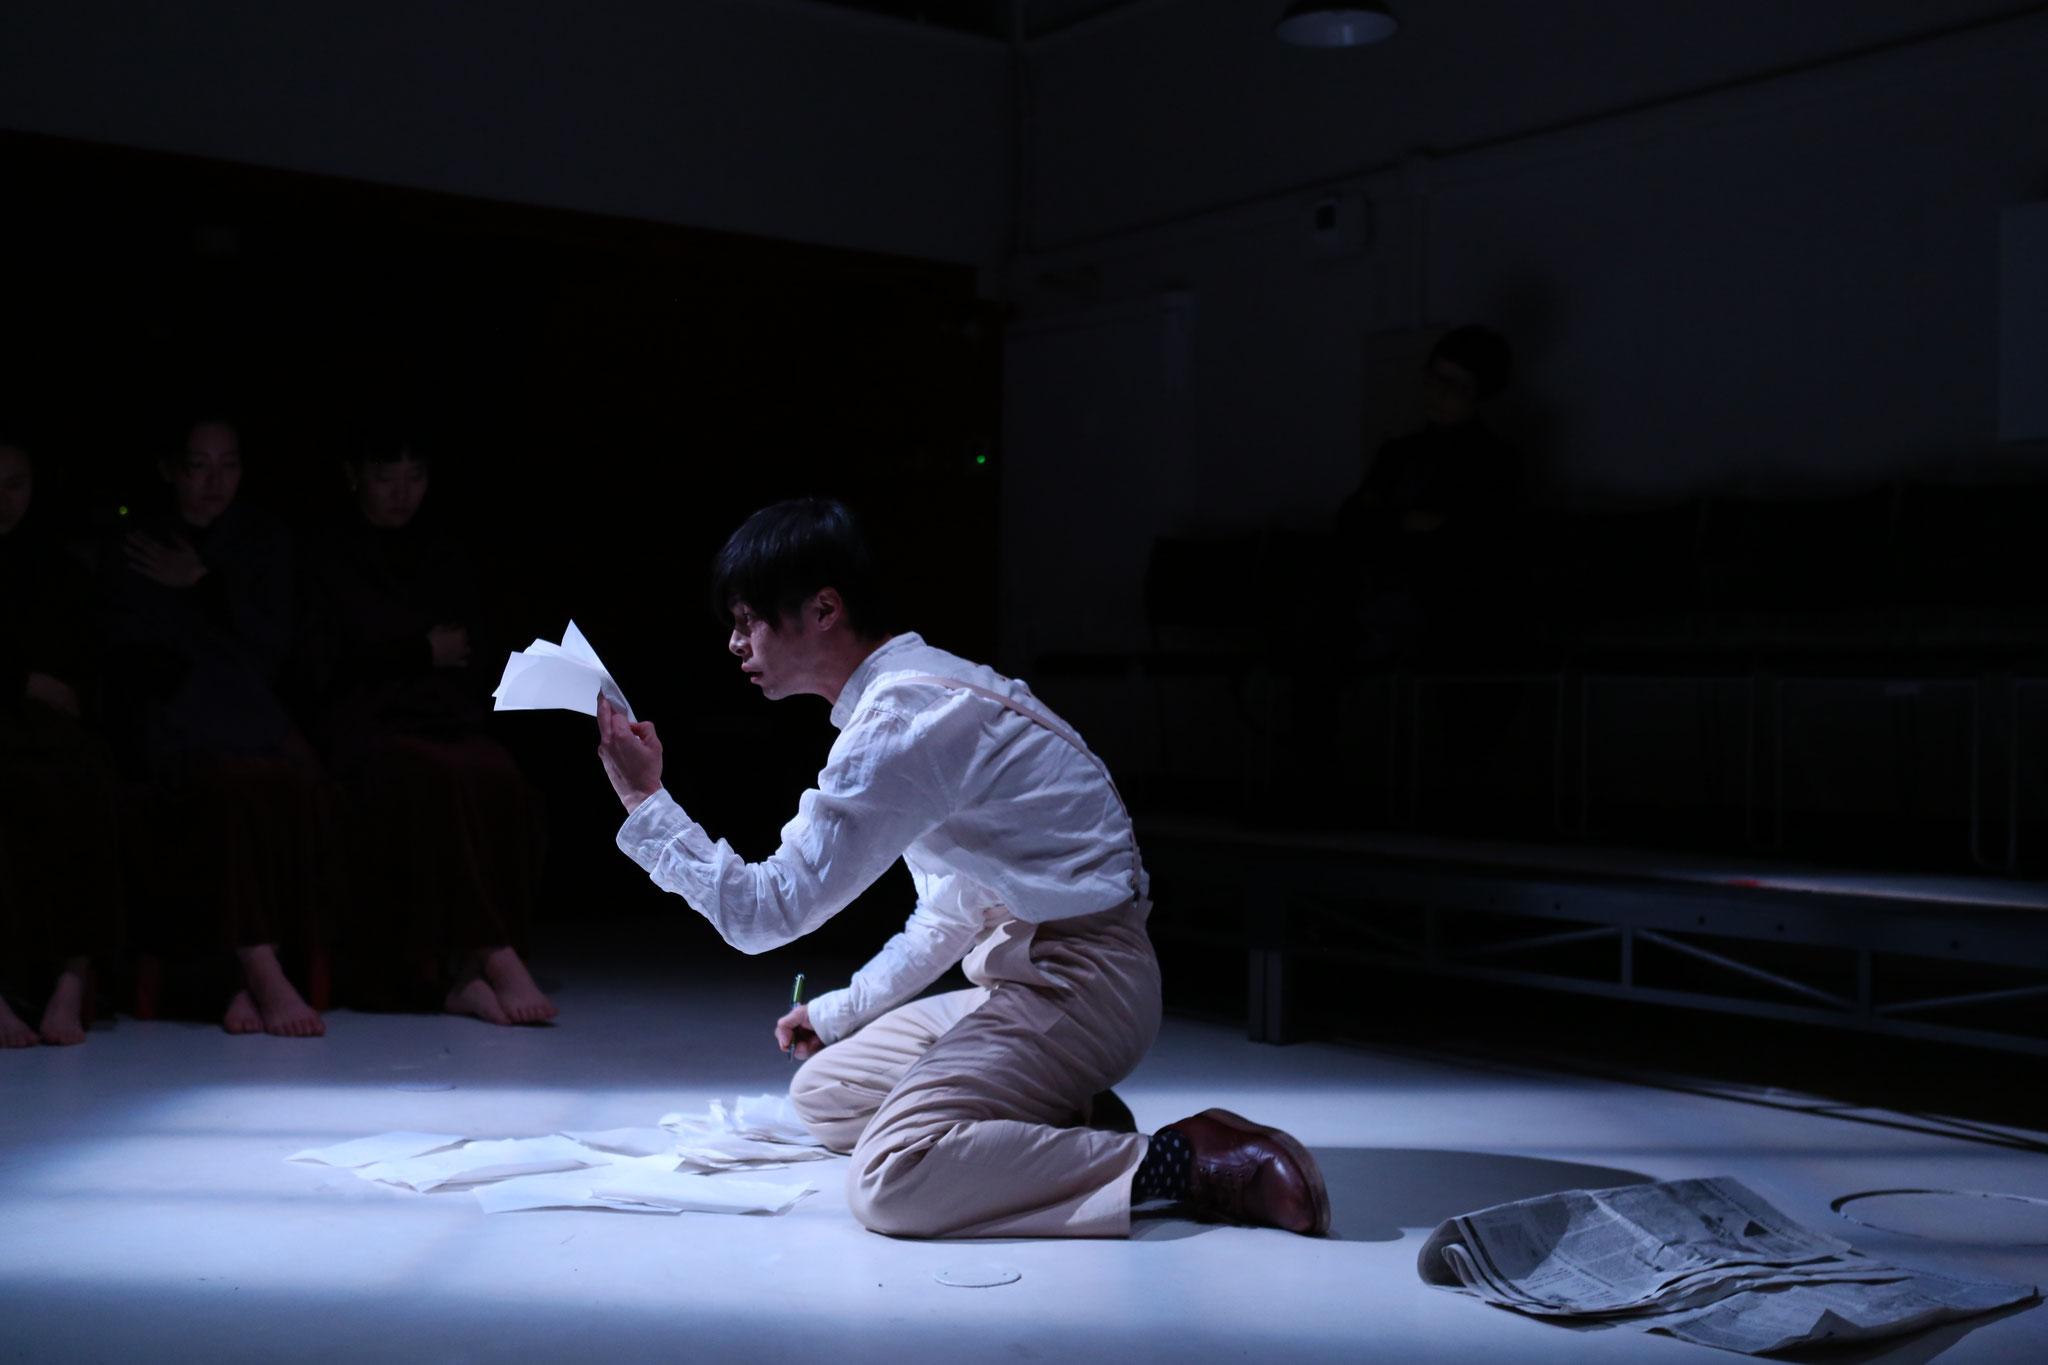 『ニーナ会議―かもめよりー』撮影:伊藤華織